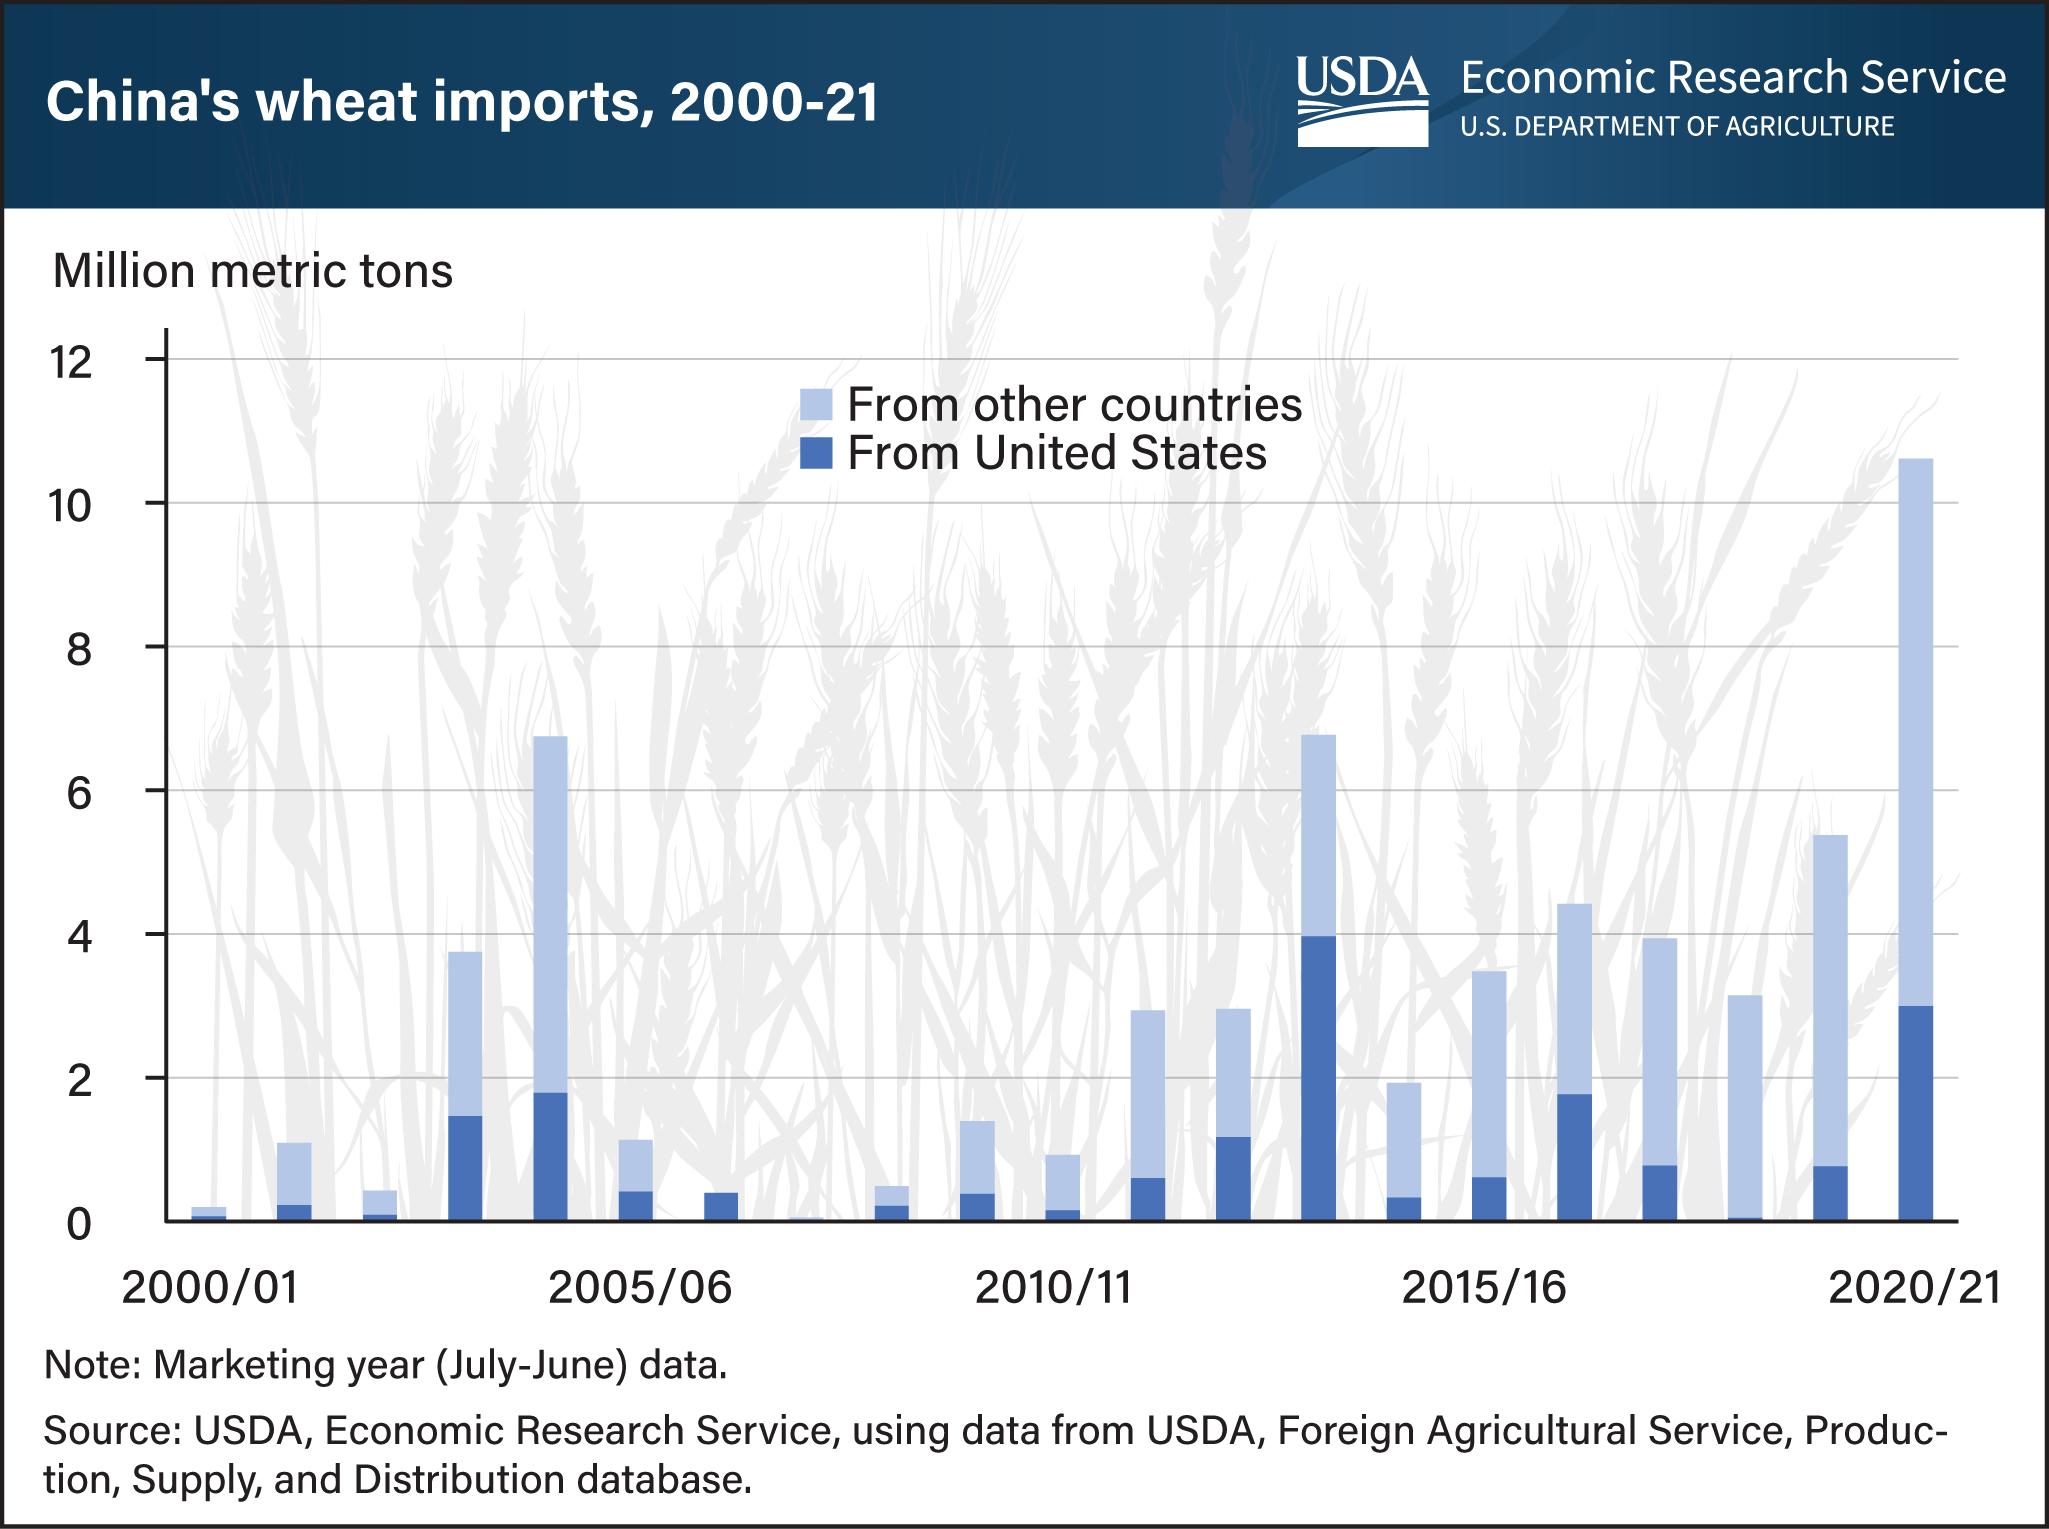 China wheat imports